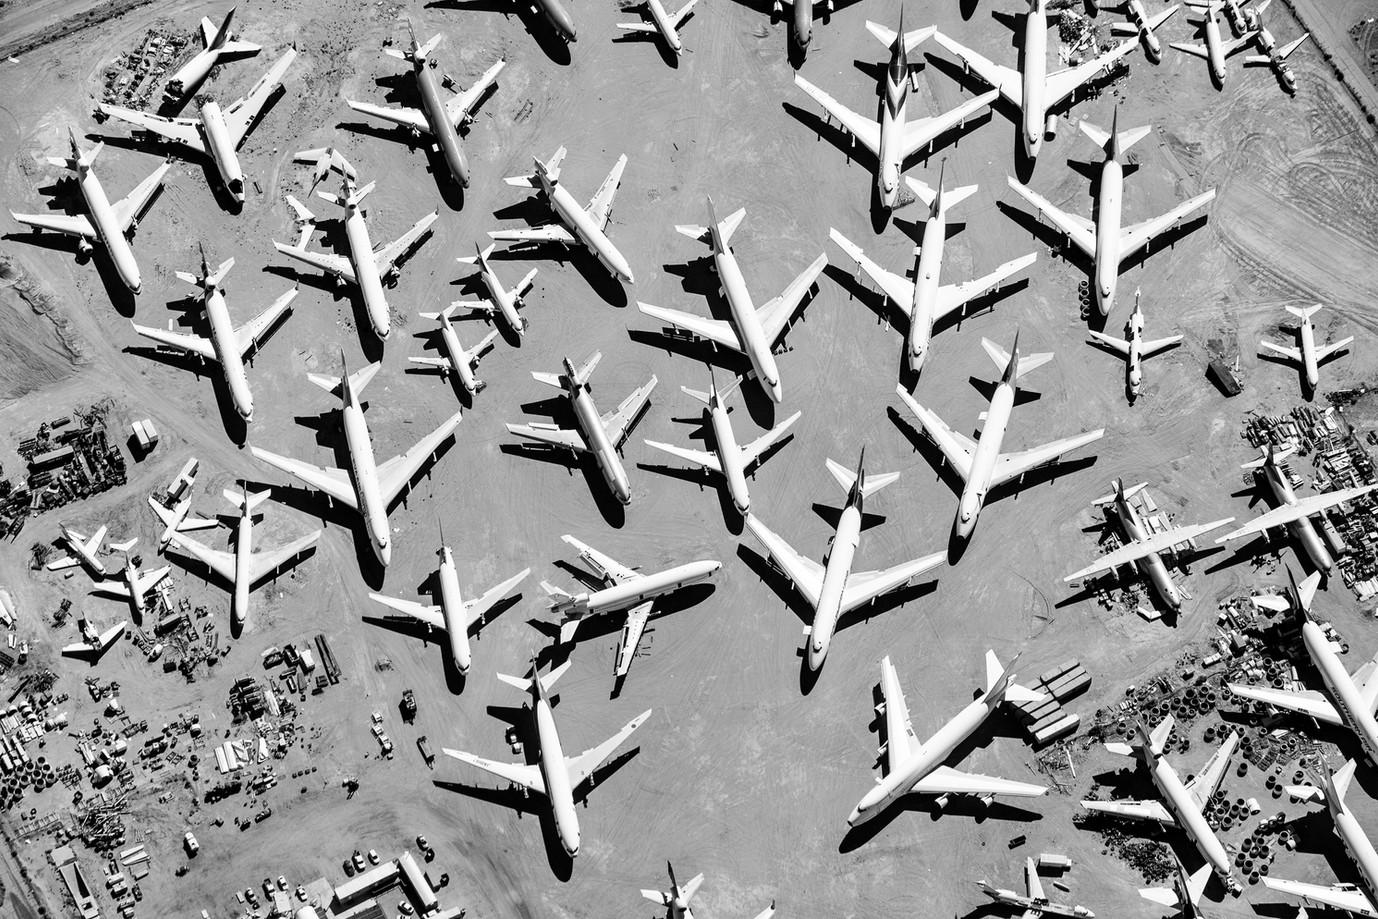 Kamilo_Bustamante_Aerials_2_08.jpg